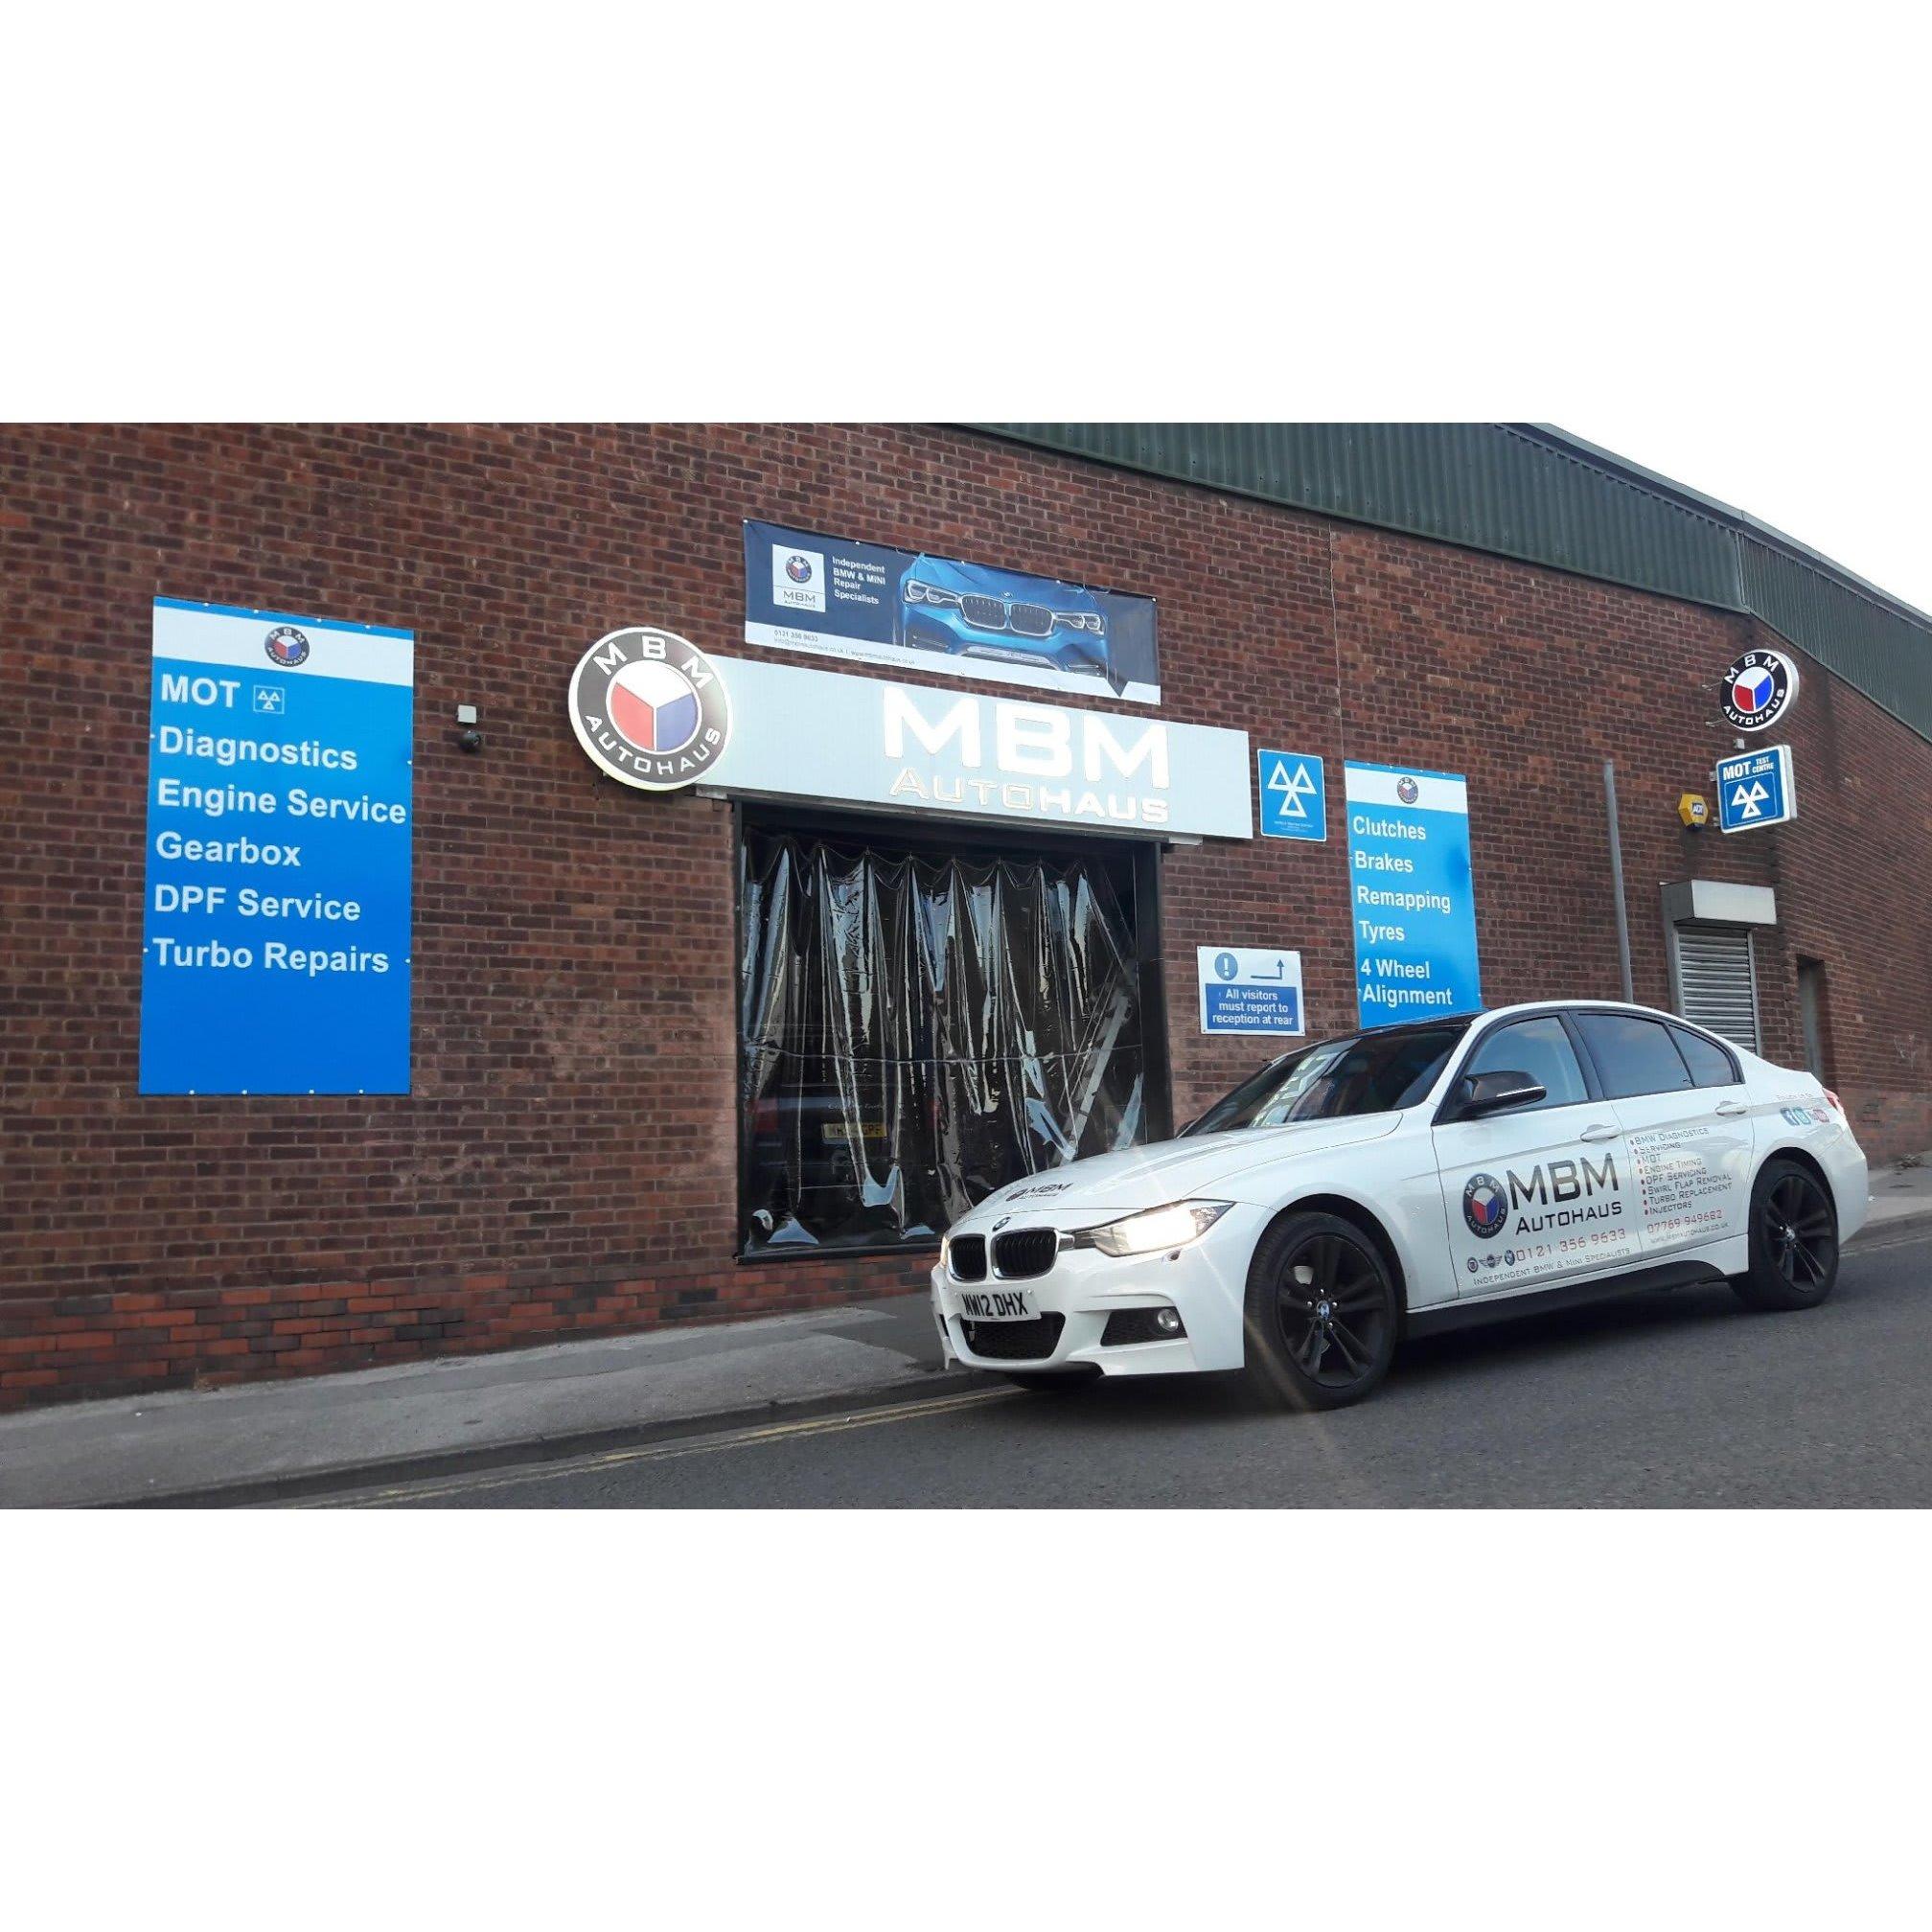 MBM Autohaus - BMW & Mini Specialists - Smethwick, West Midlands B66 2NU - 01213 569633 | ShowMeLocal.com